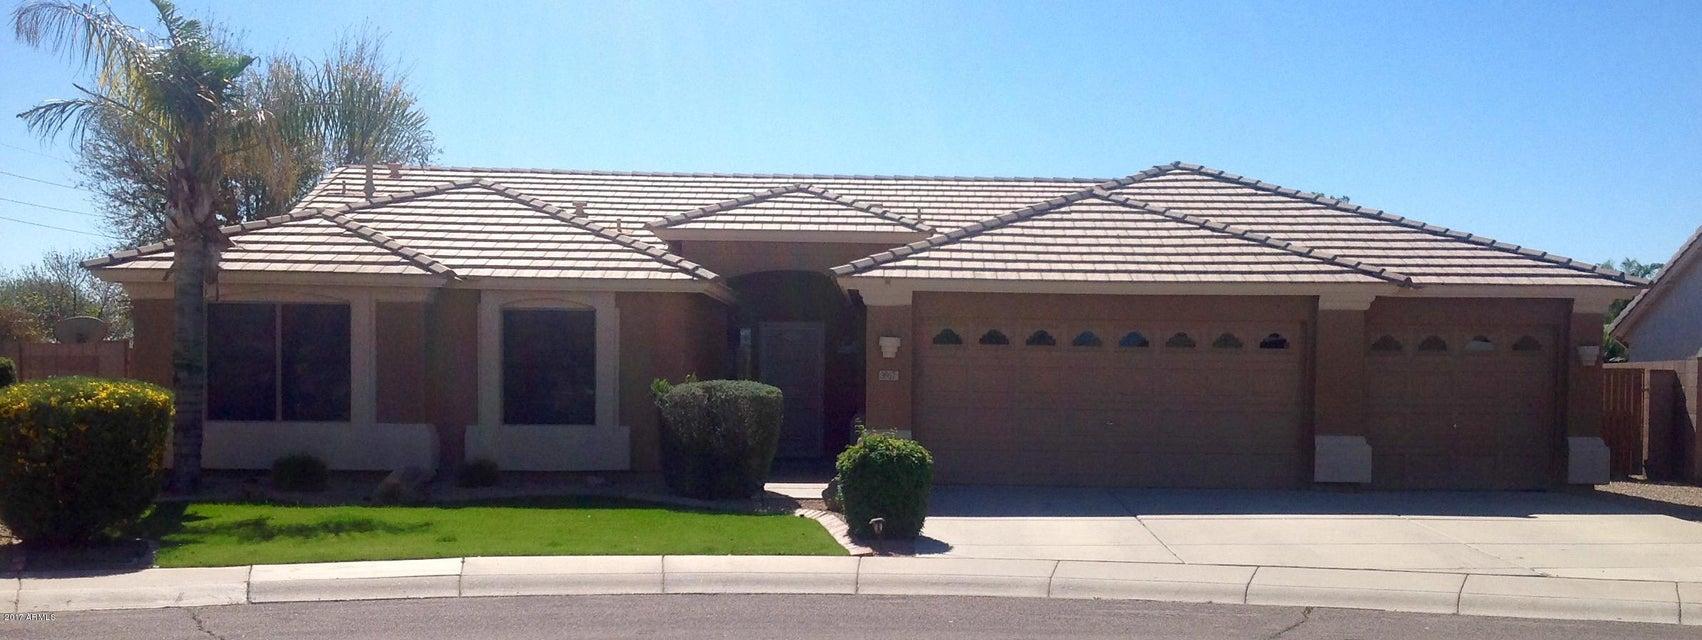 3967 E BRUCE Avenue, Gilbert AZ 85234